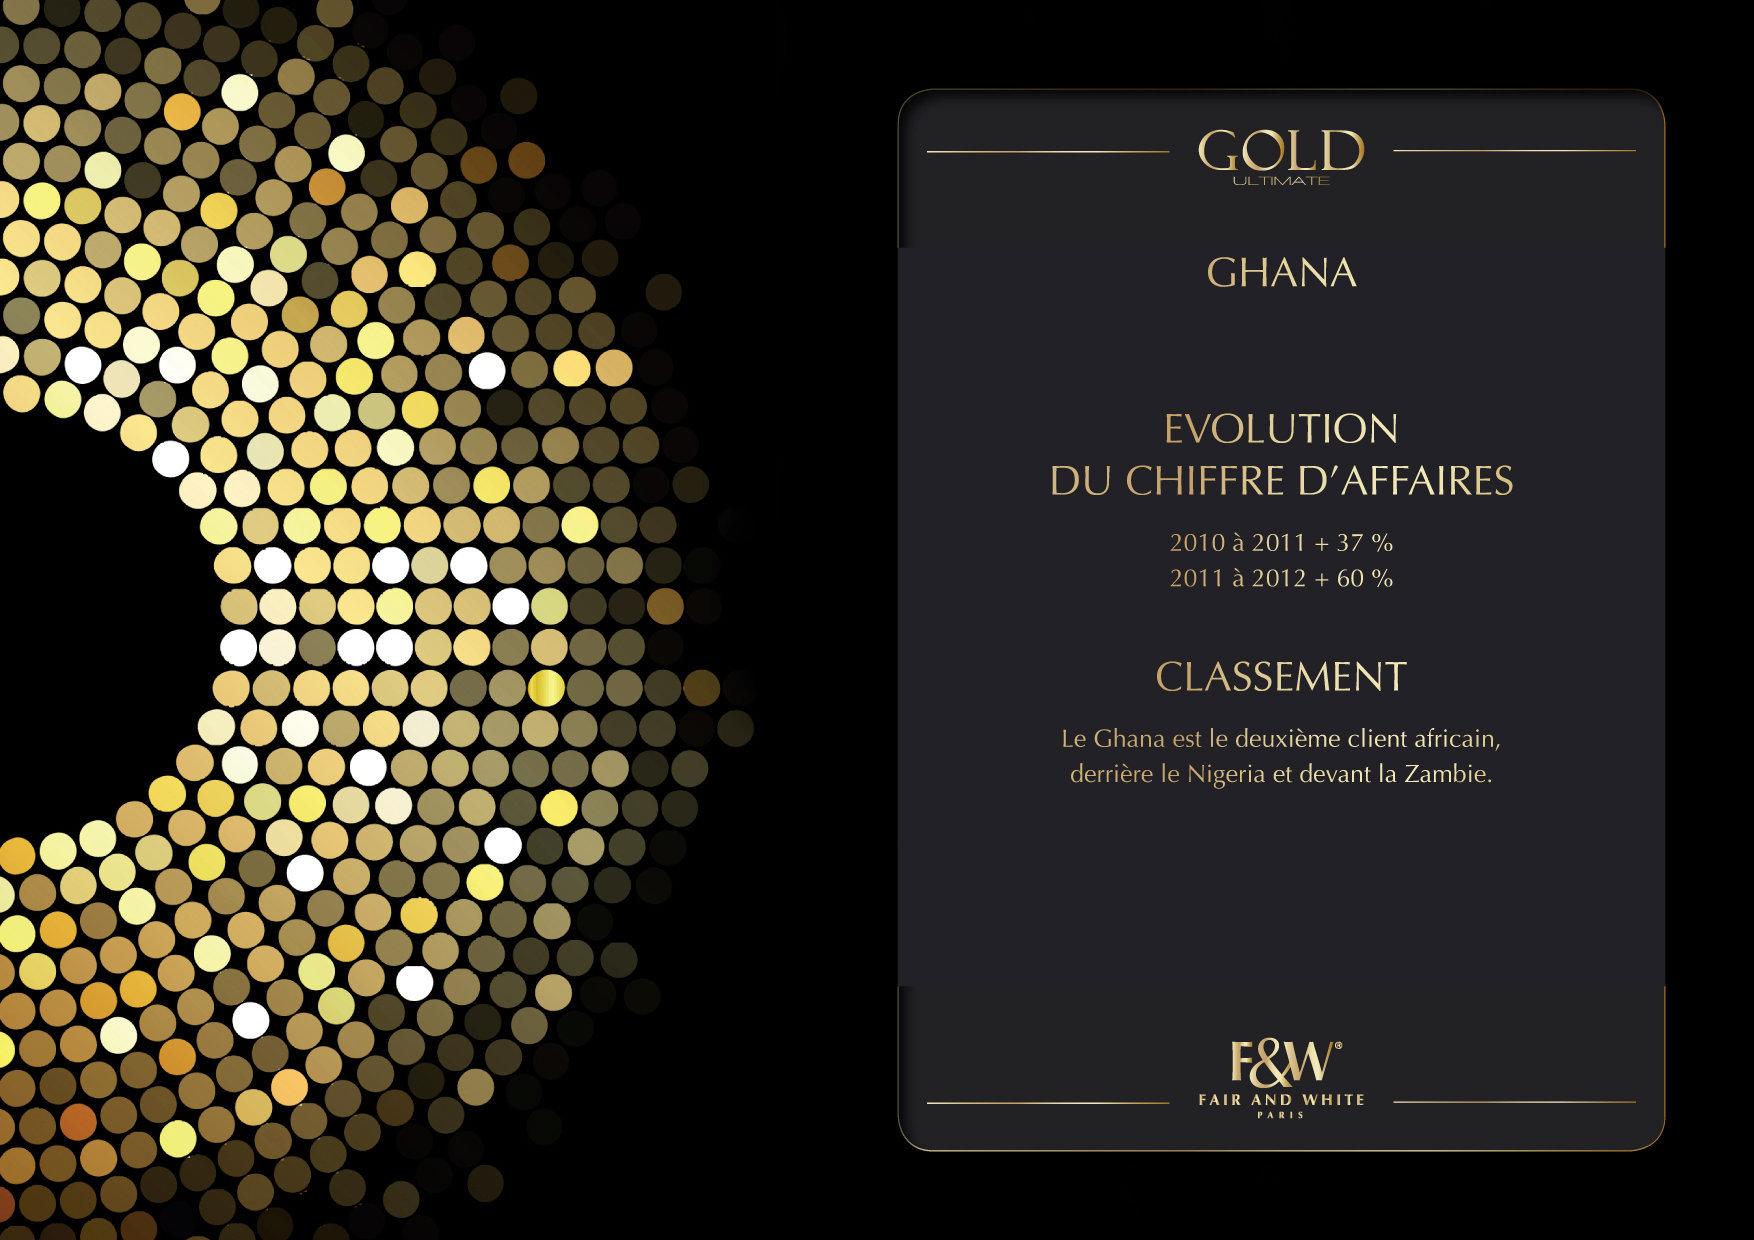 """<font color=""""#aaa7a6"""">Gold : présentation de la gamme (3/20).</font>"""